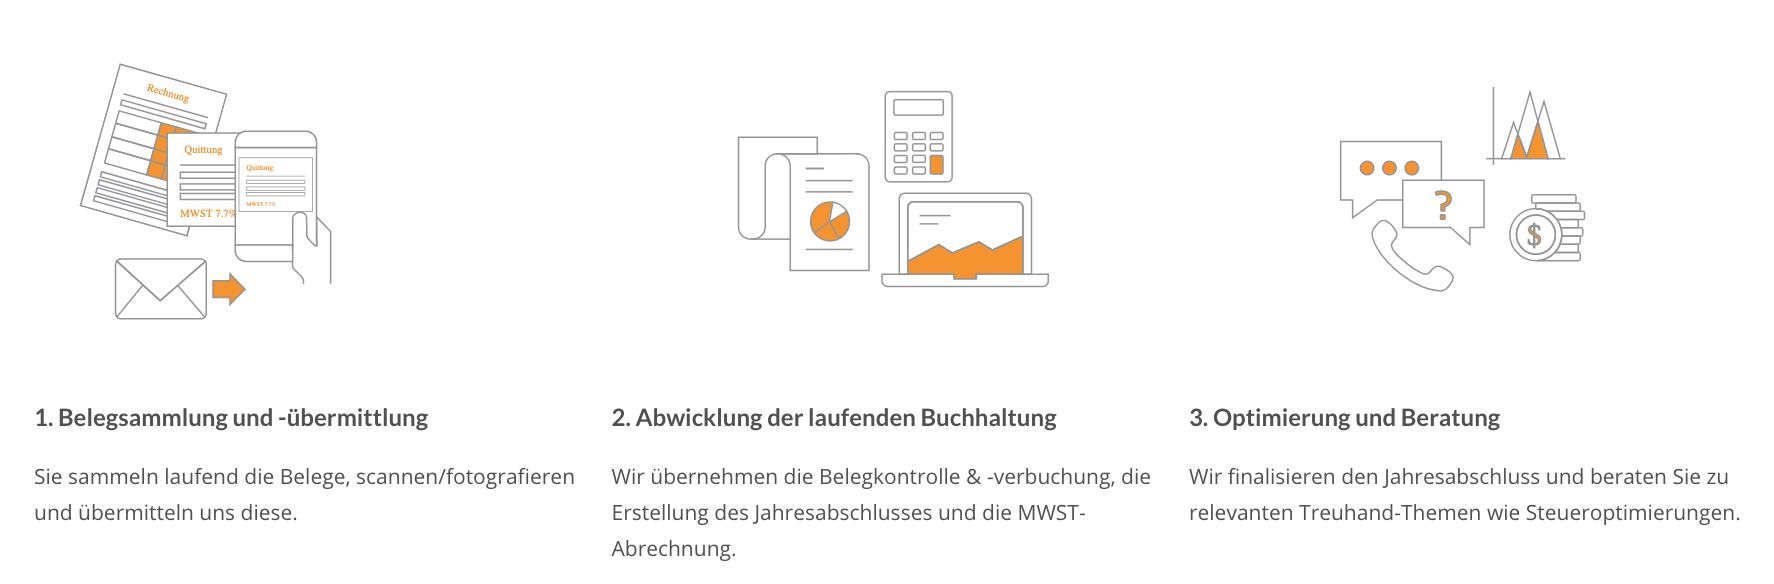 abrechnungen.ch